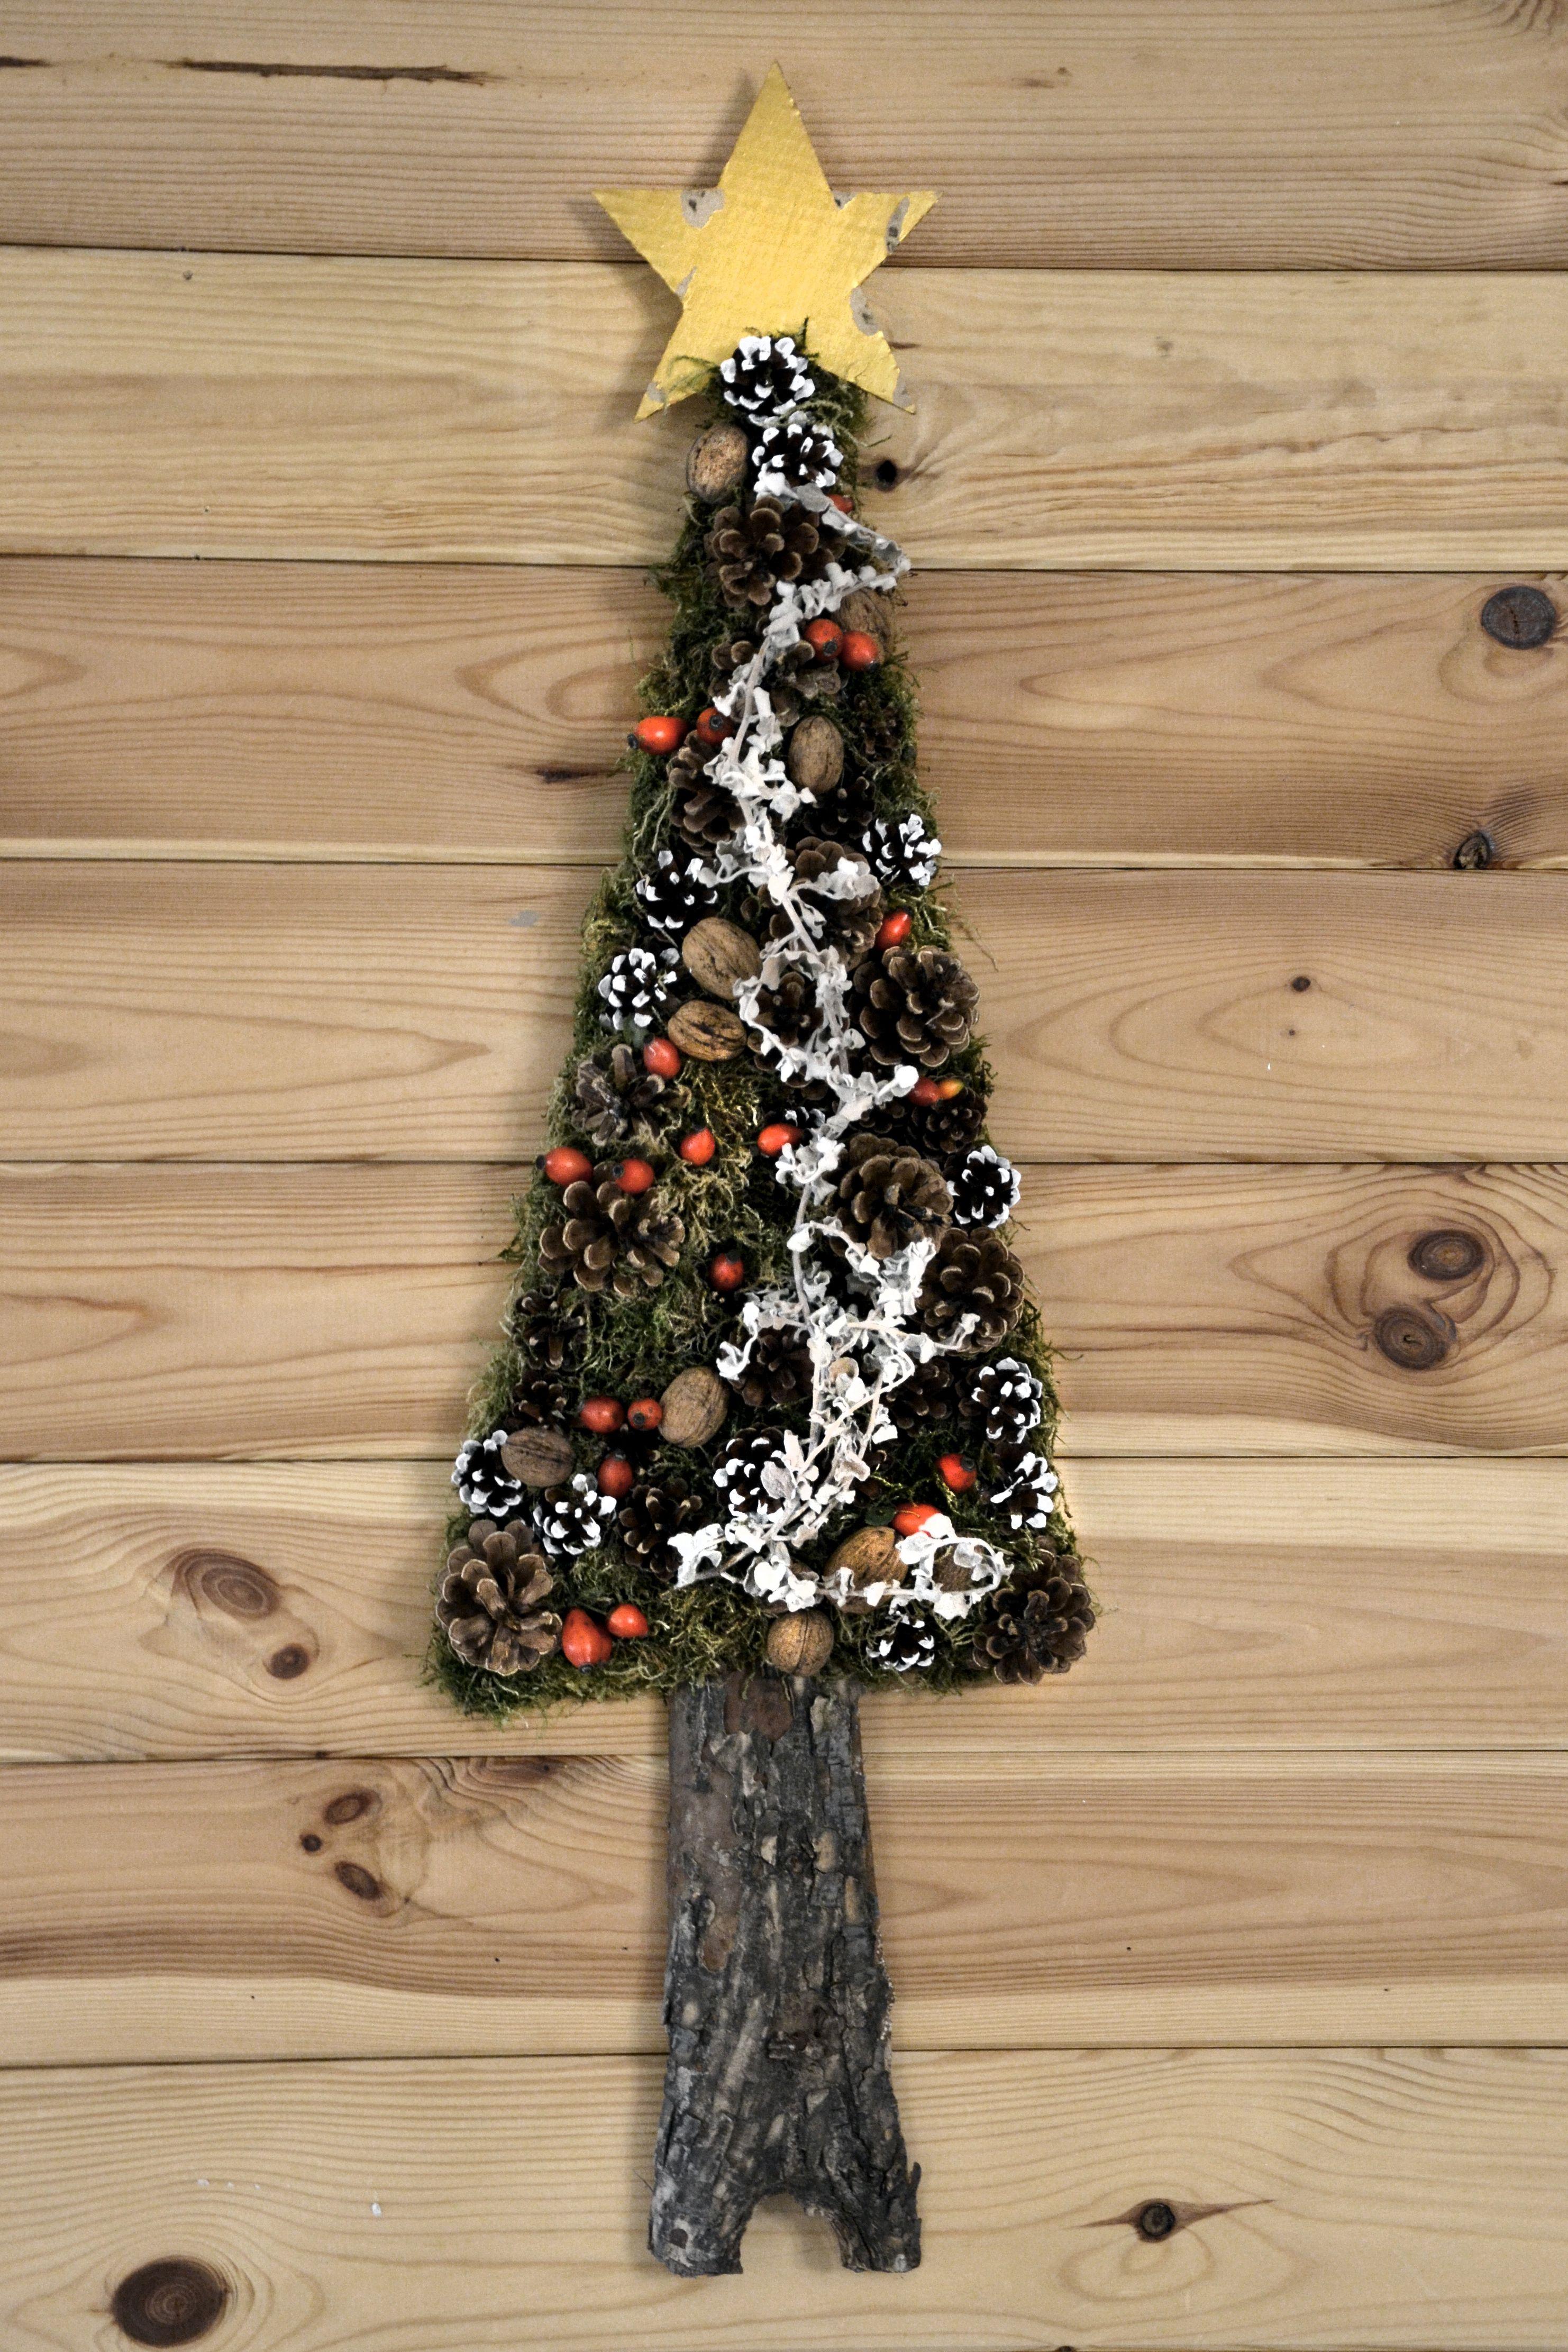 Choinka Swiateczna Jak Ubrac Choinkaswiateczna Choinkabozonarodzeniowa Akademiaflorystyki Diy Christmas Ornaments Holiday Decor Novelty Christmas